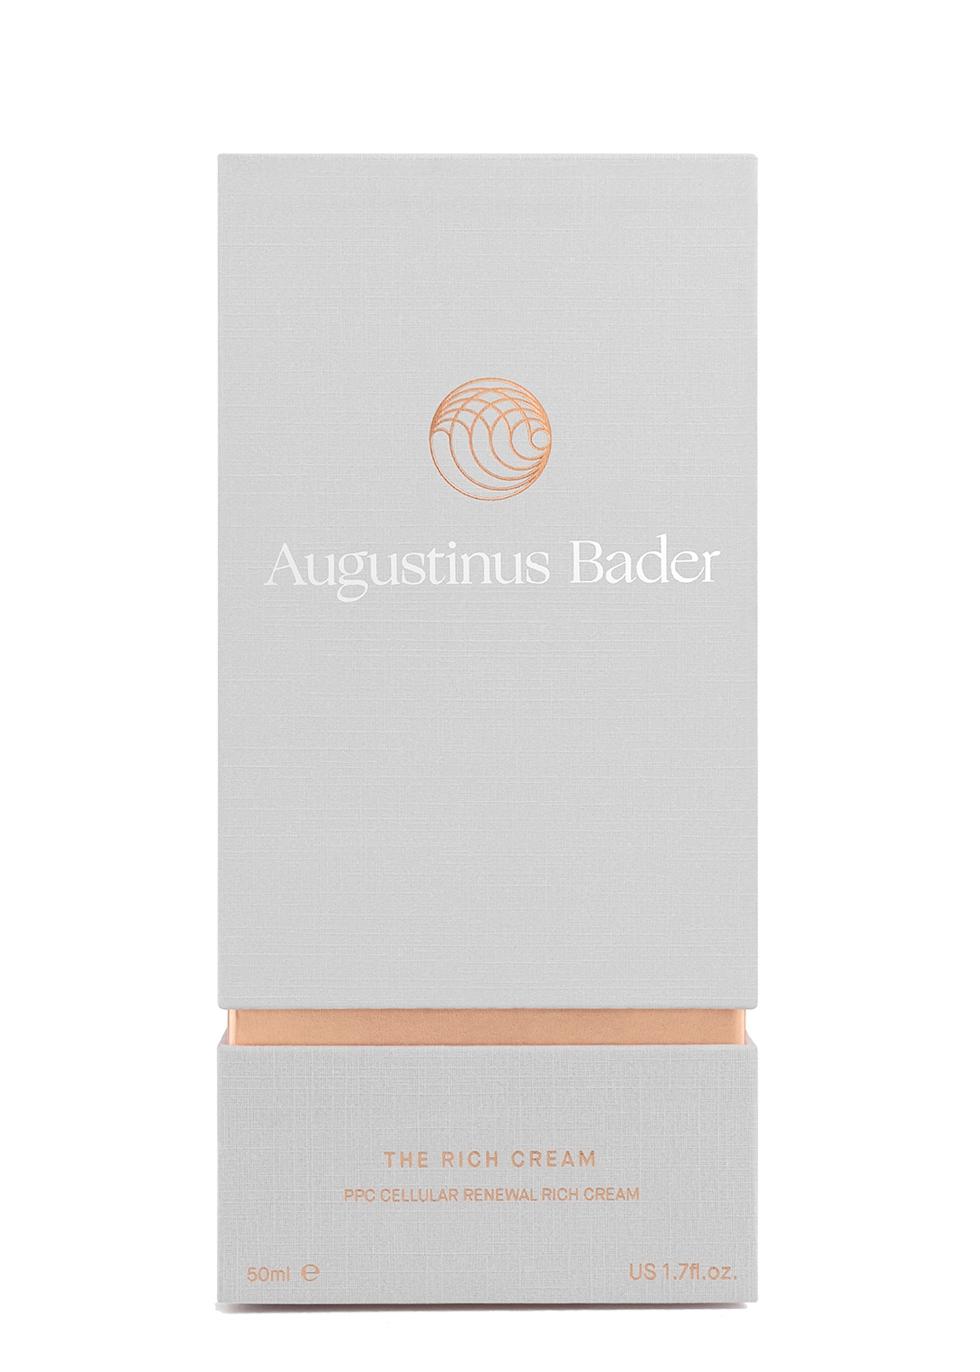 The Rich Cream 50ml - AUGUSTINUS BADER